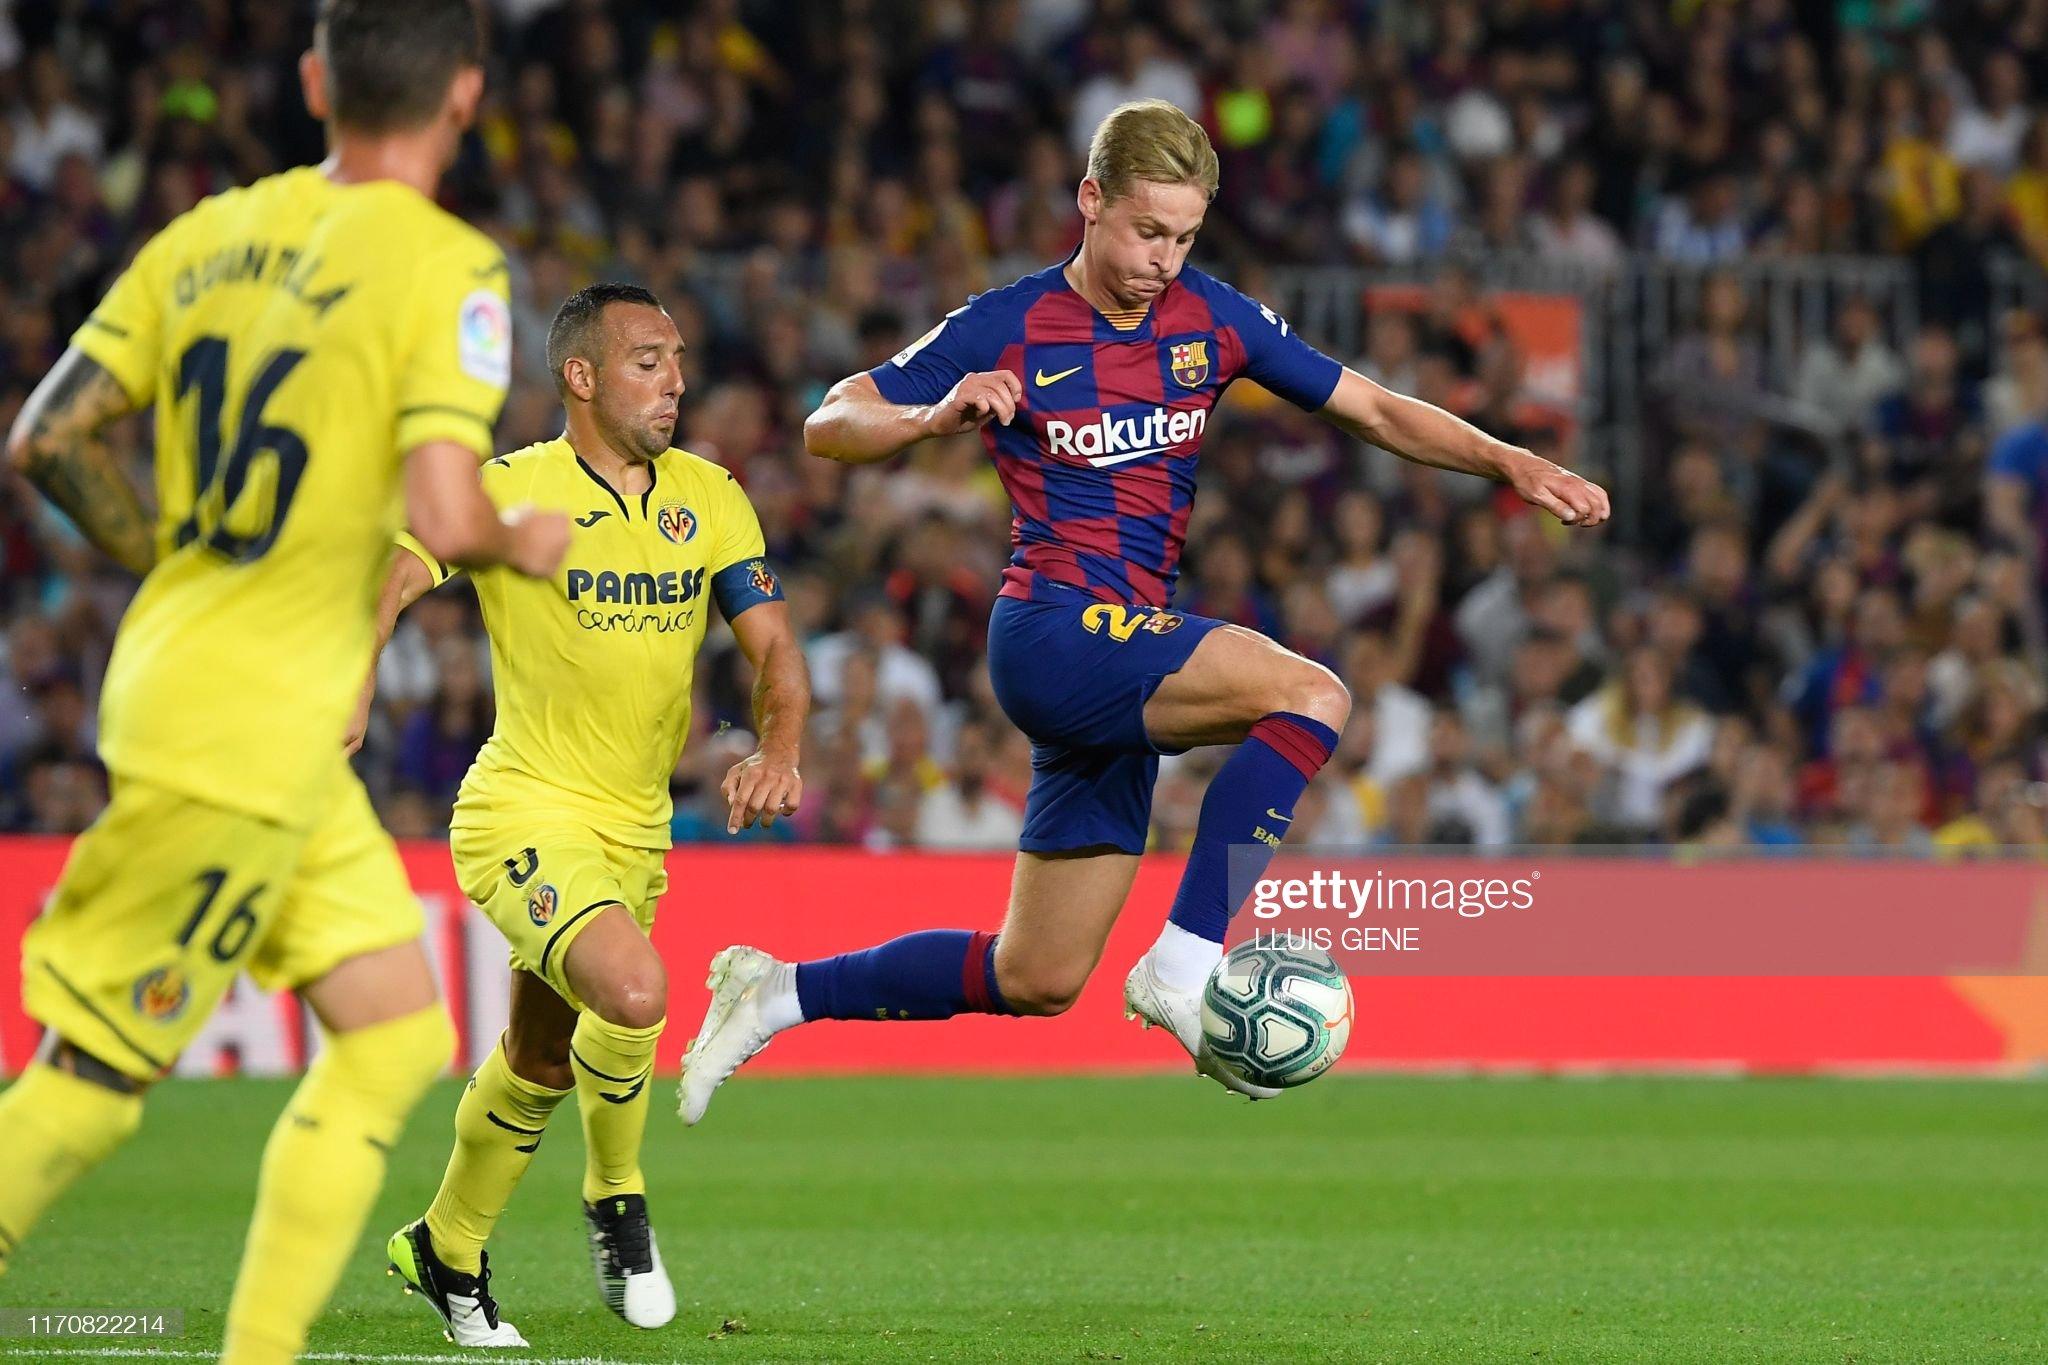 صور مباراة : برشلونة - فياريال 2-1 ( 24-09-2019 )  Barcelonas-dutch-midfielder-frenkie-de-jong-vies-with-villarreals-picture-id1170822214?s=2048x2048